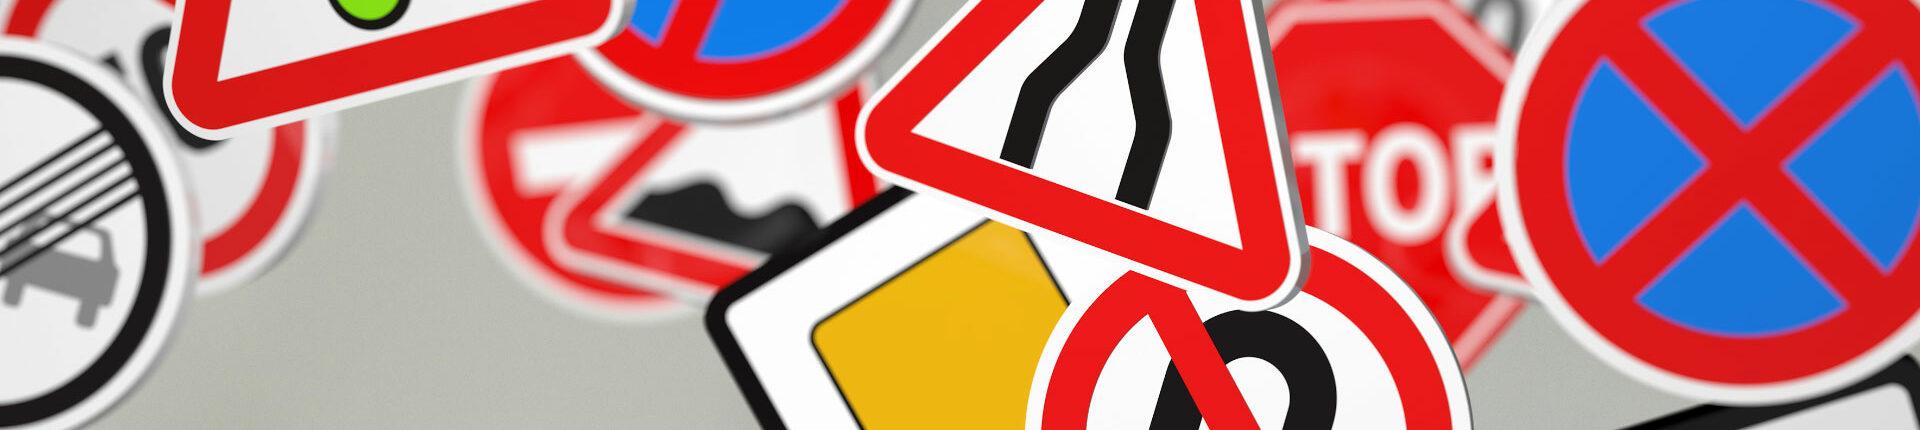 Passage du Tour de France – Restrictions de circulation